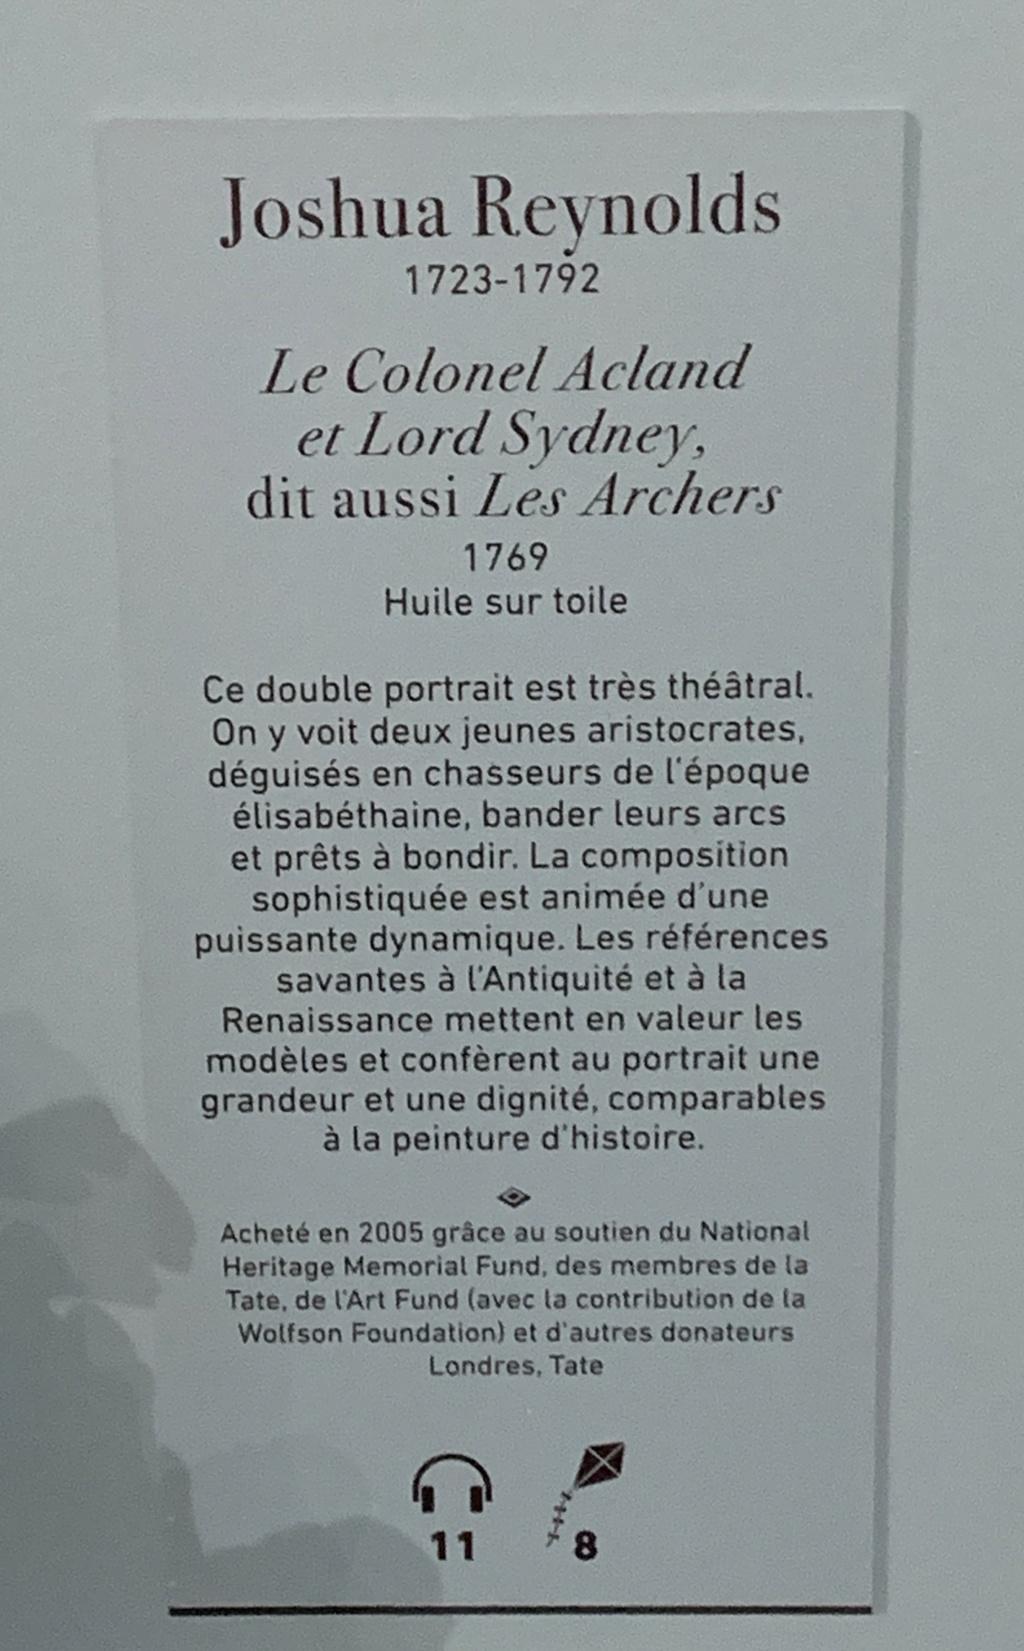 """Exposition Musée du Luxembourg : """"L'âge d'or de la peinture anglaise"""", de Reynolds à Turner Eaad3c10"""